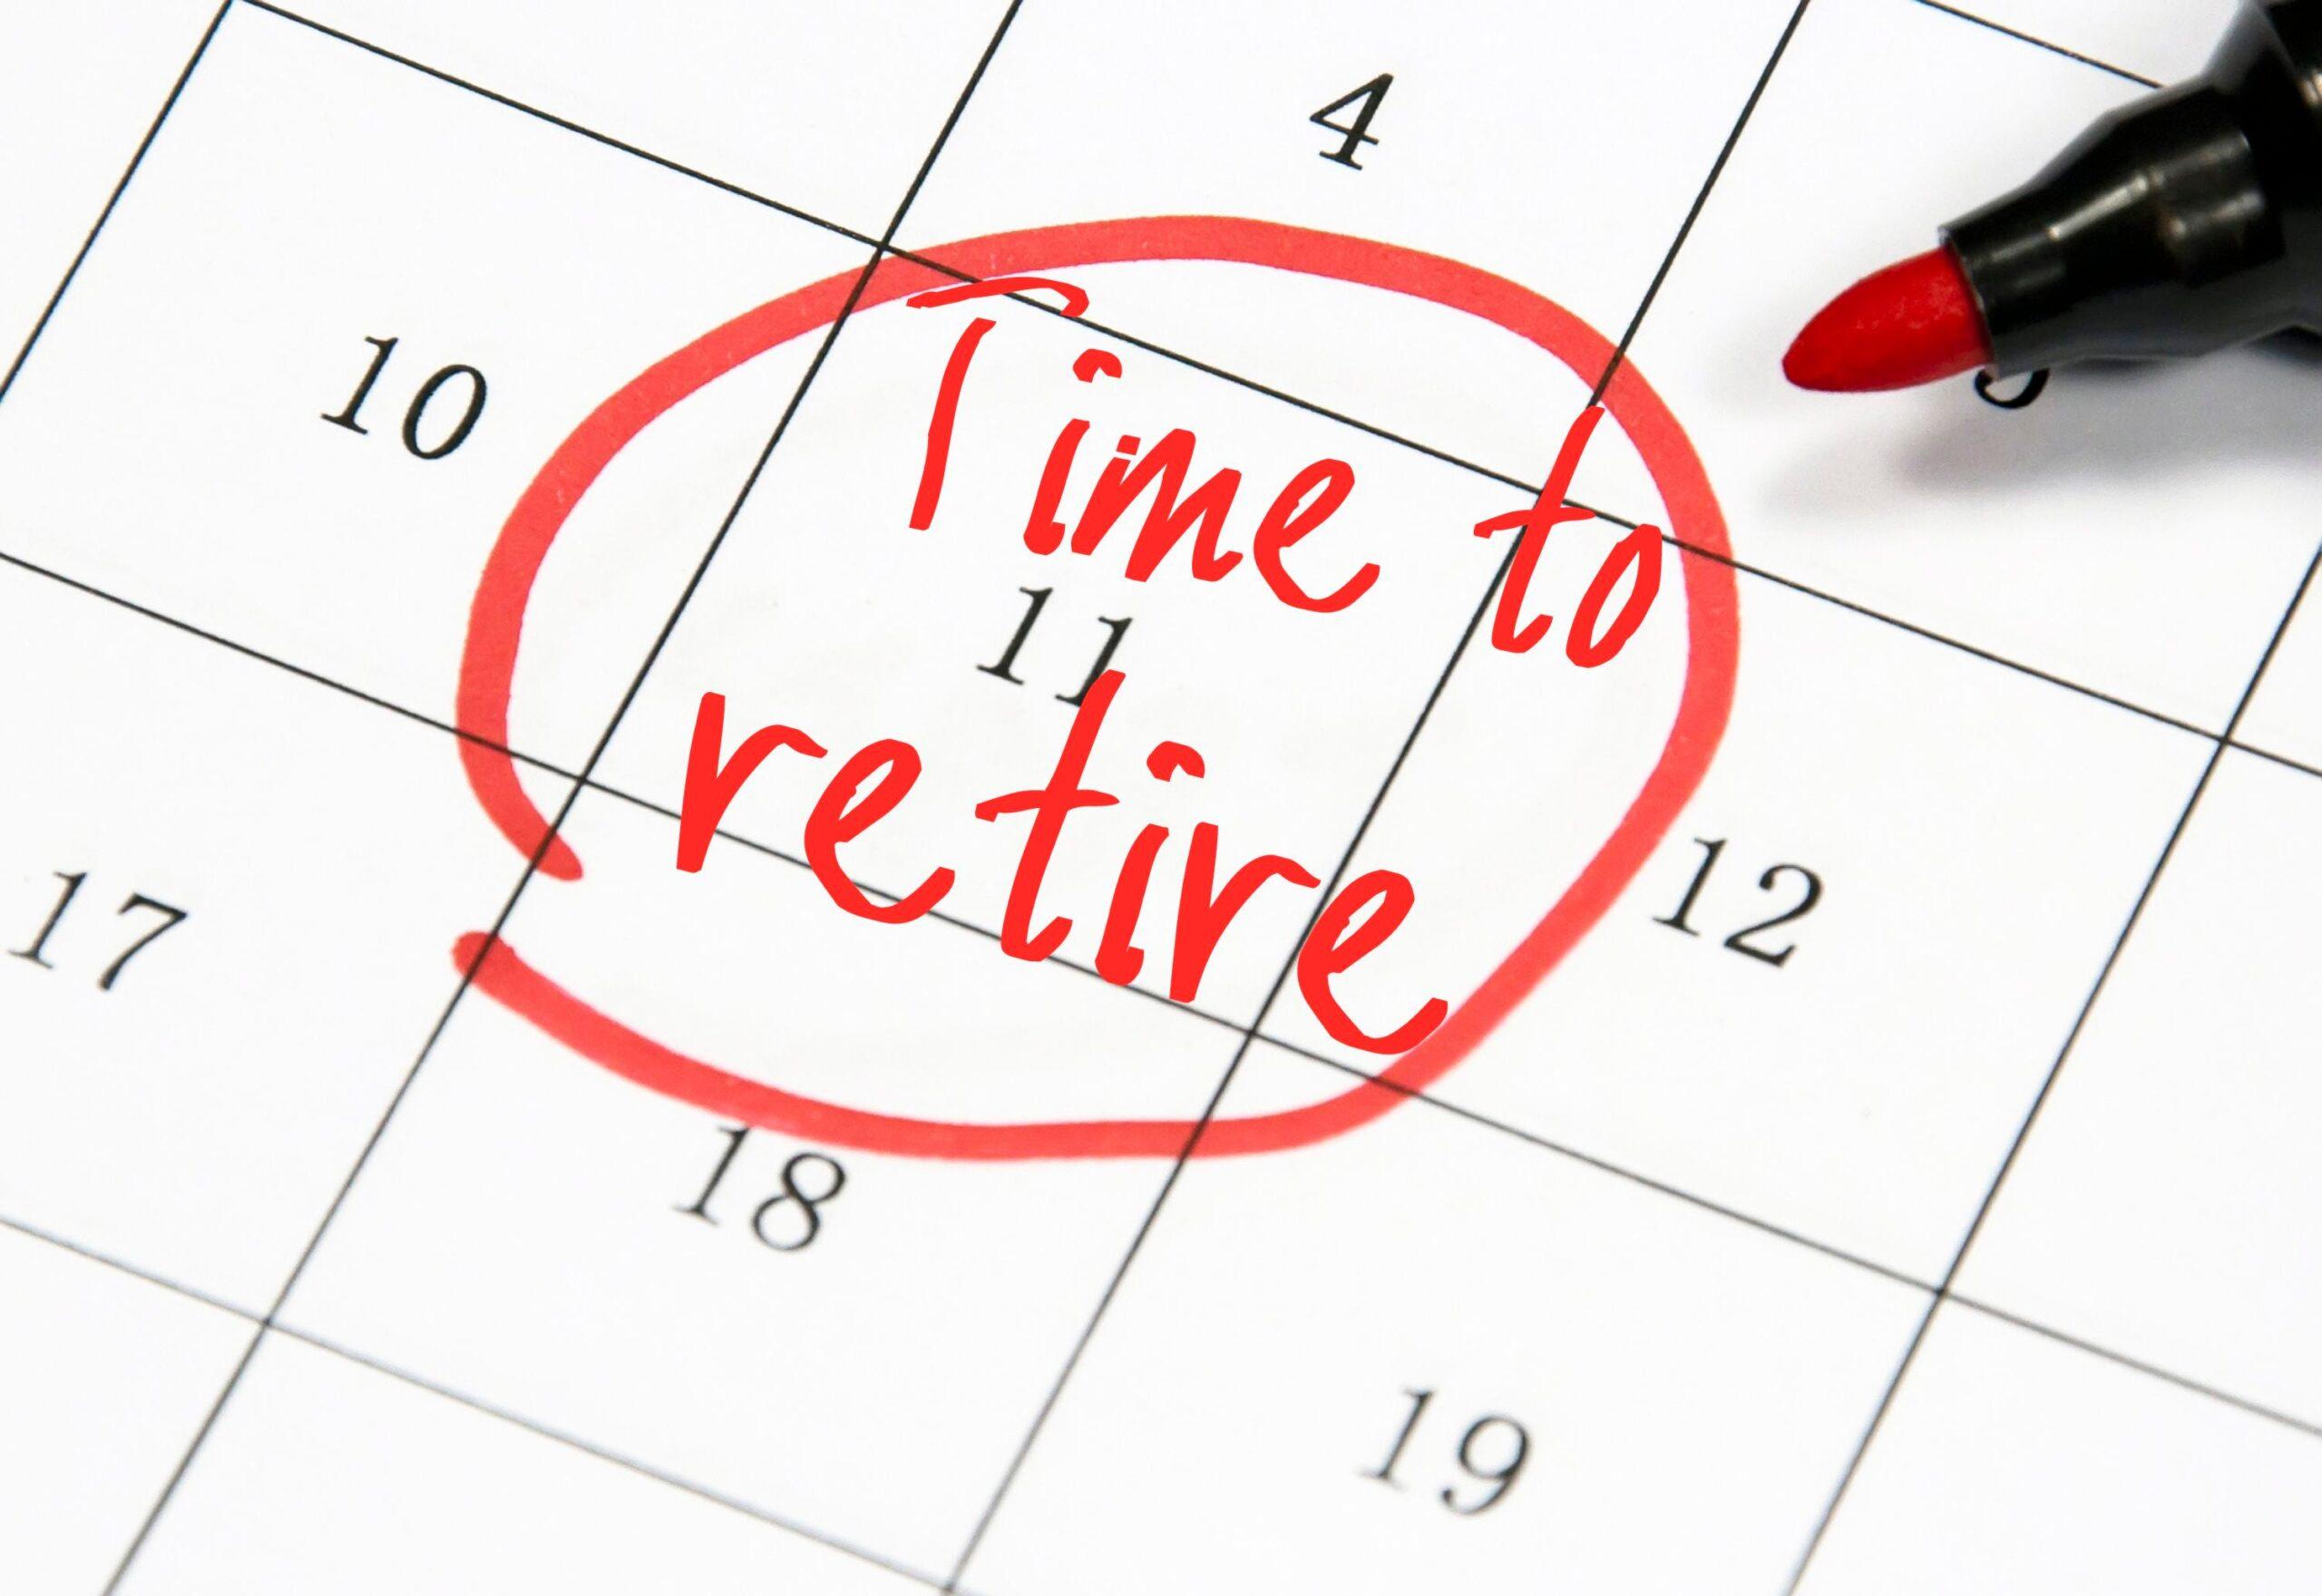 Time to retire calendar